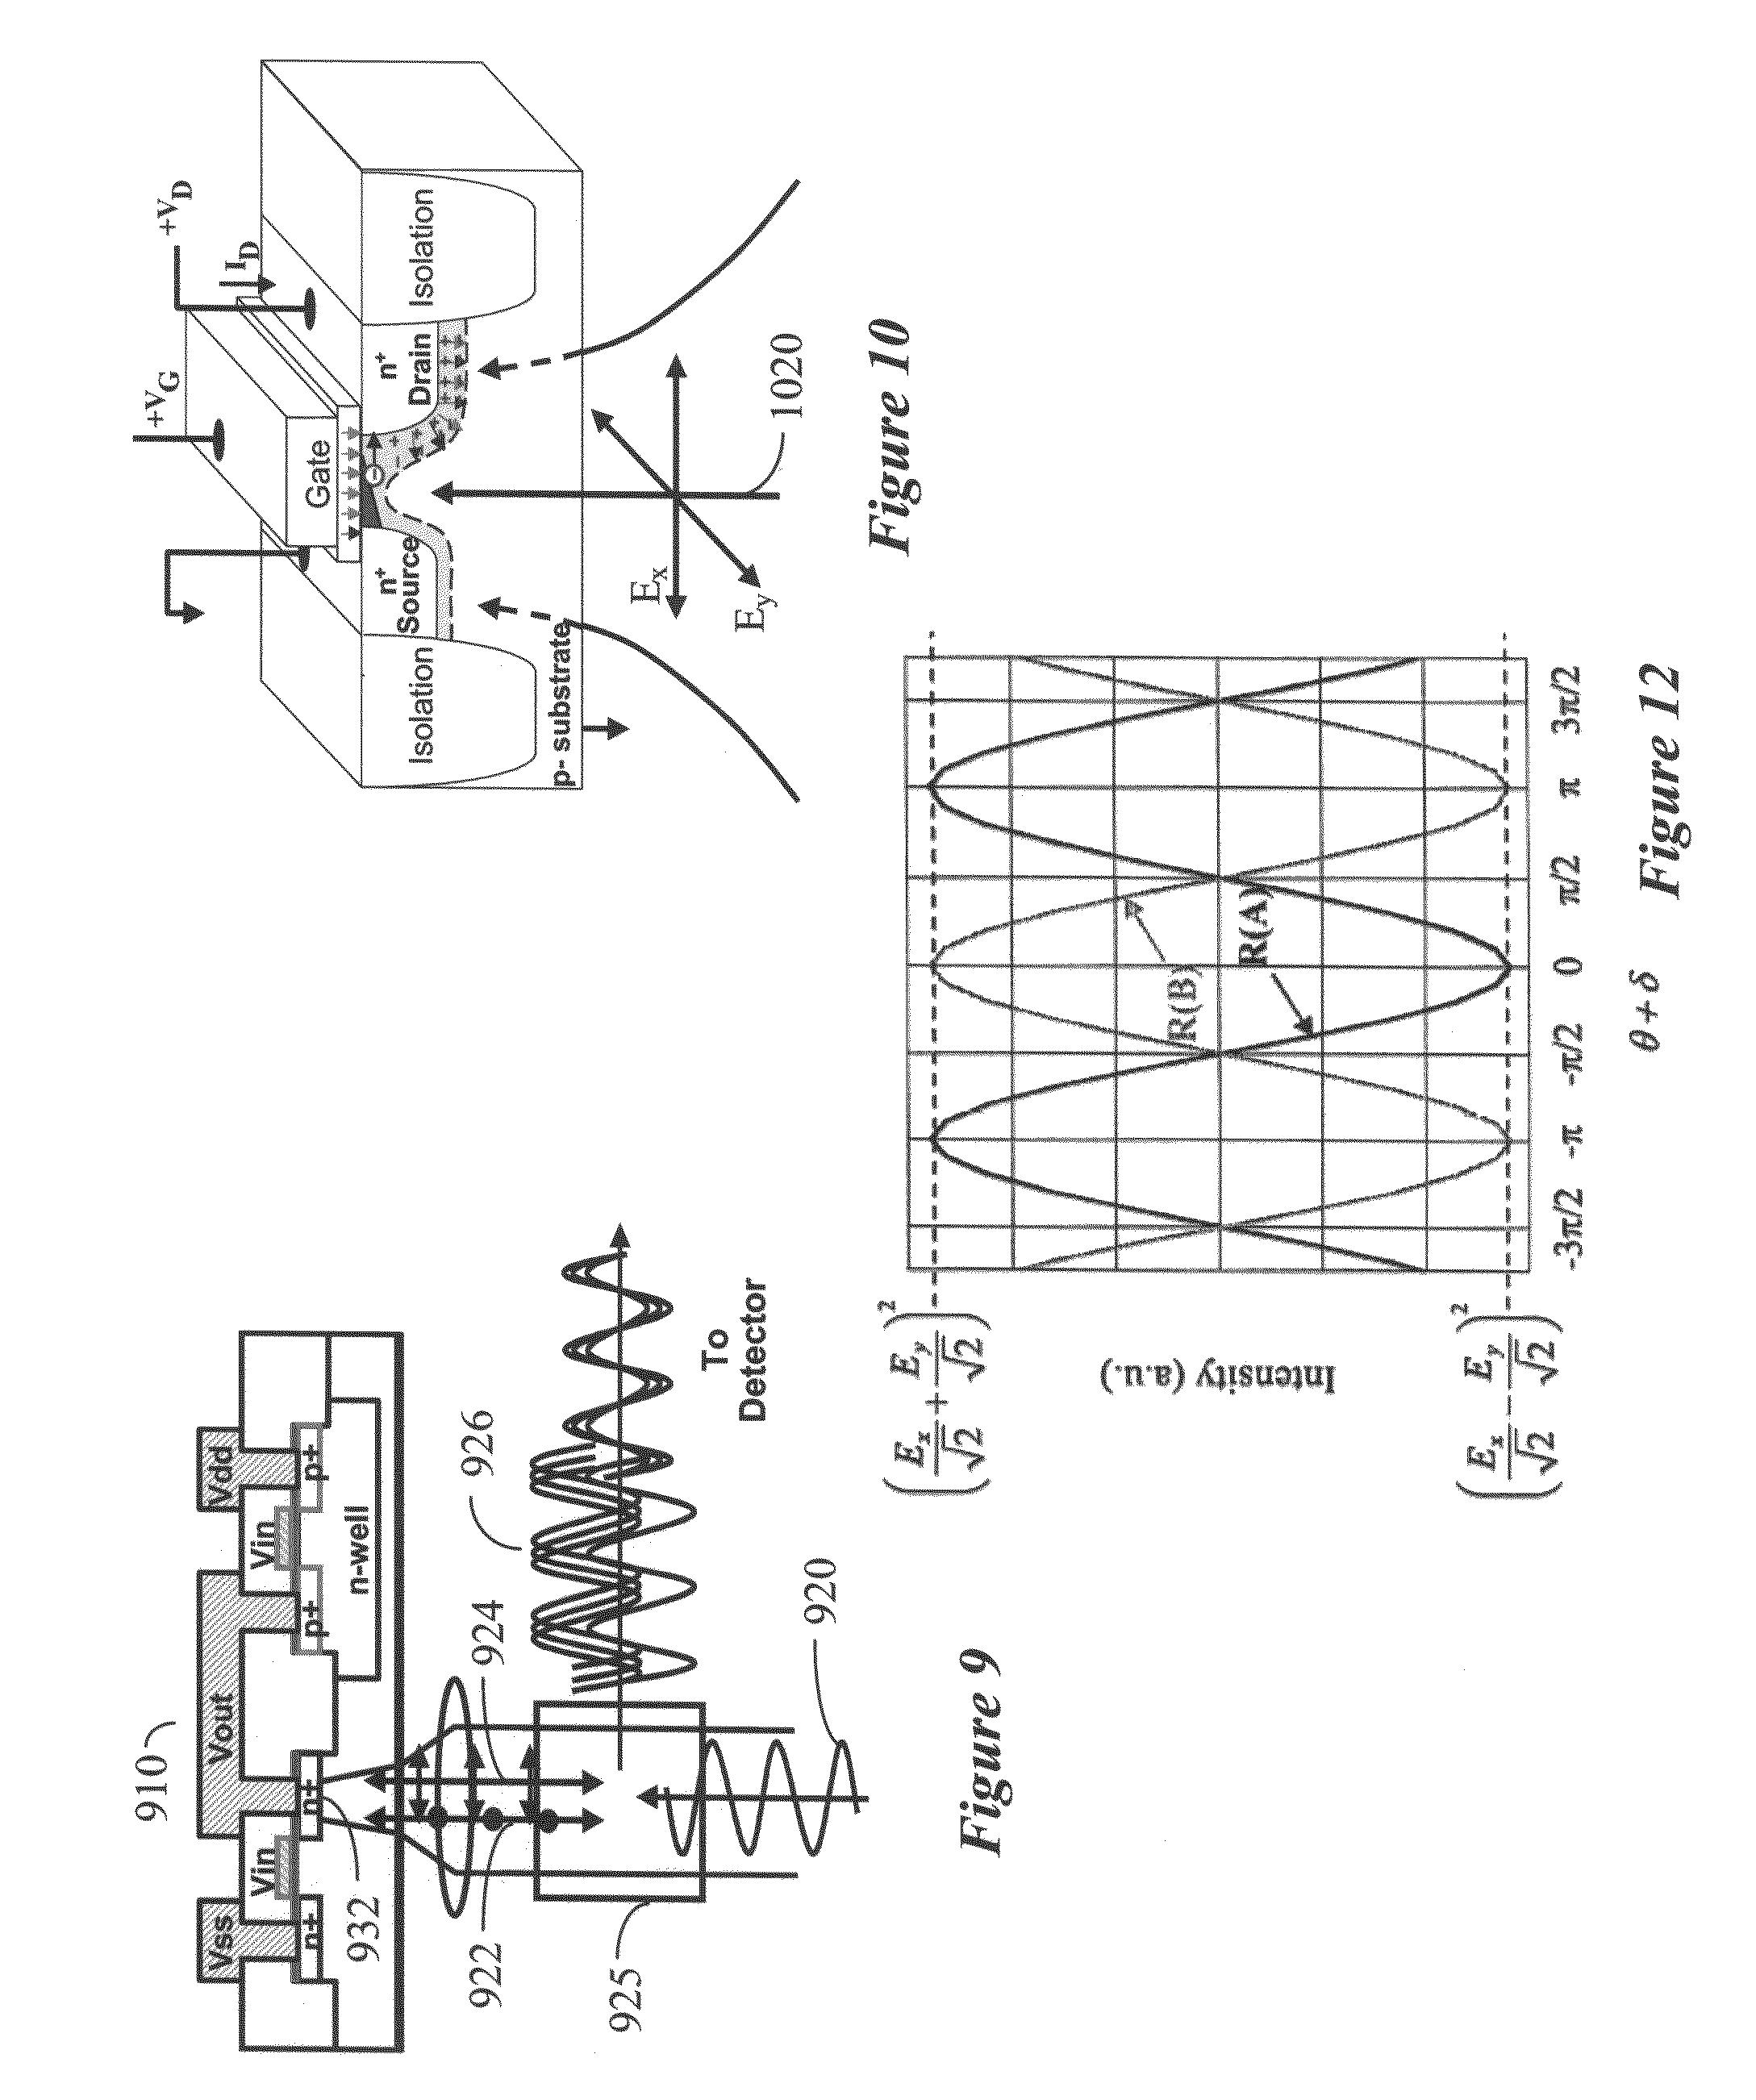 patent us7990167